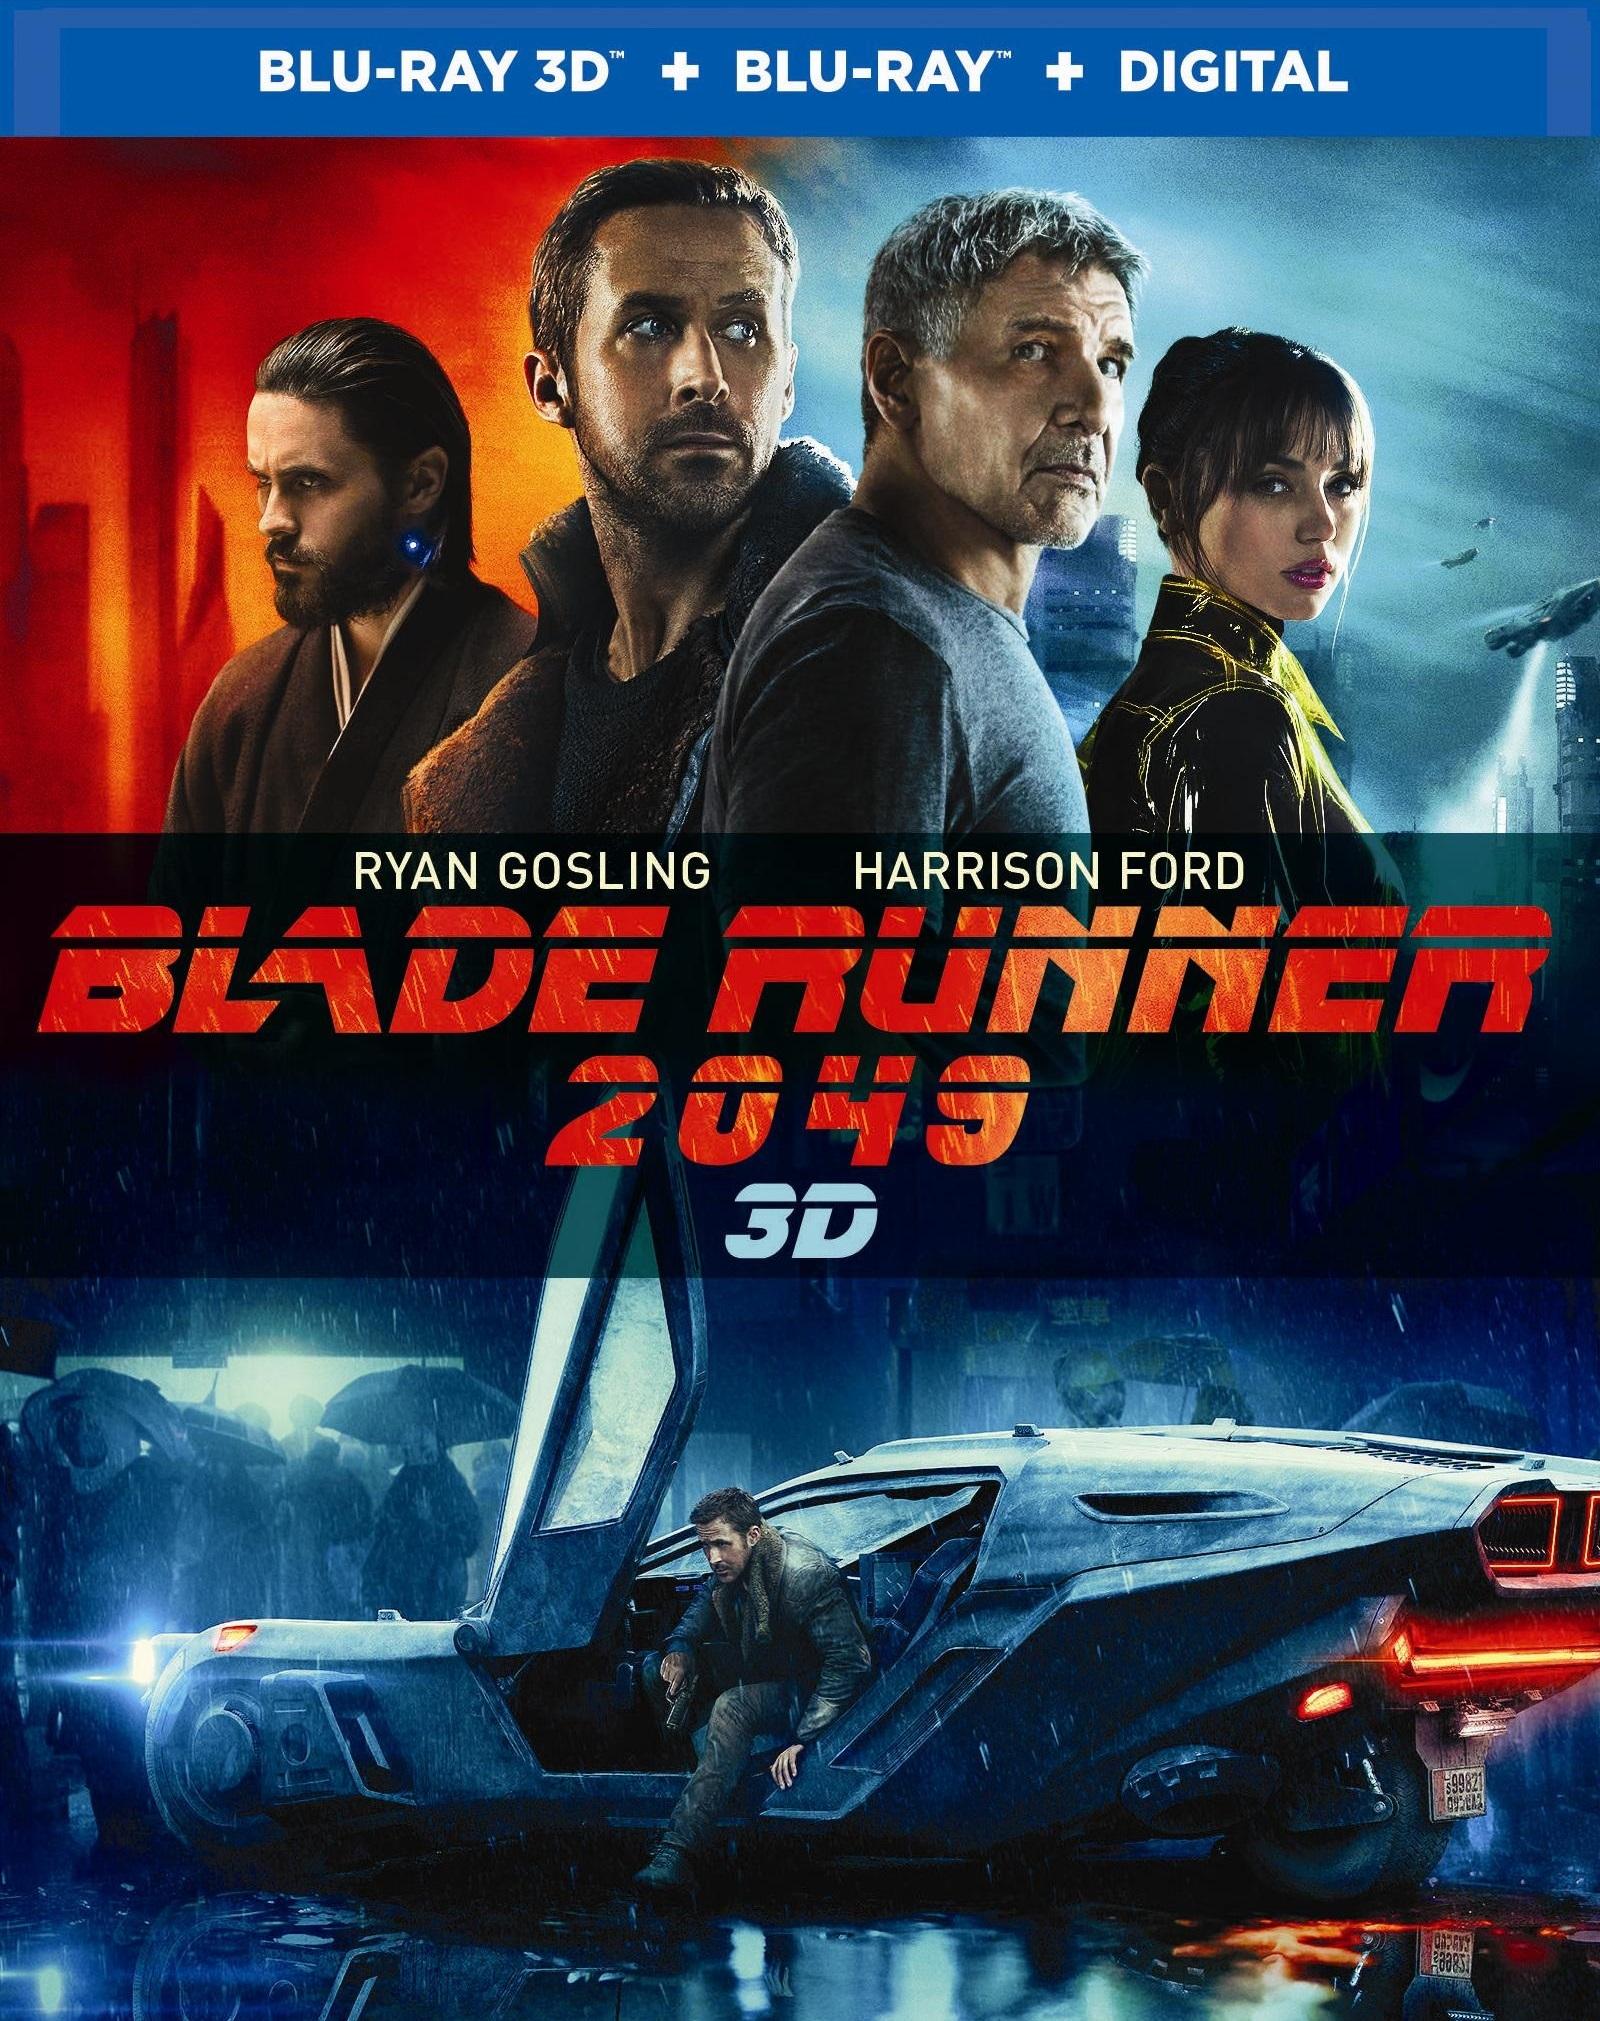 Blade Runner 2049 (2017) poster image